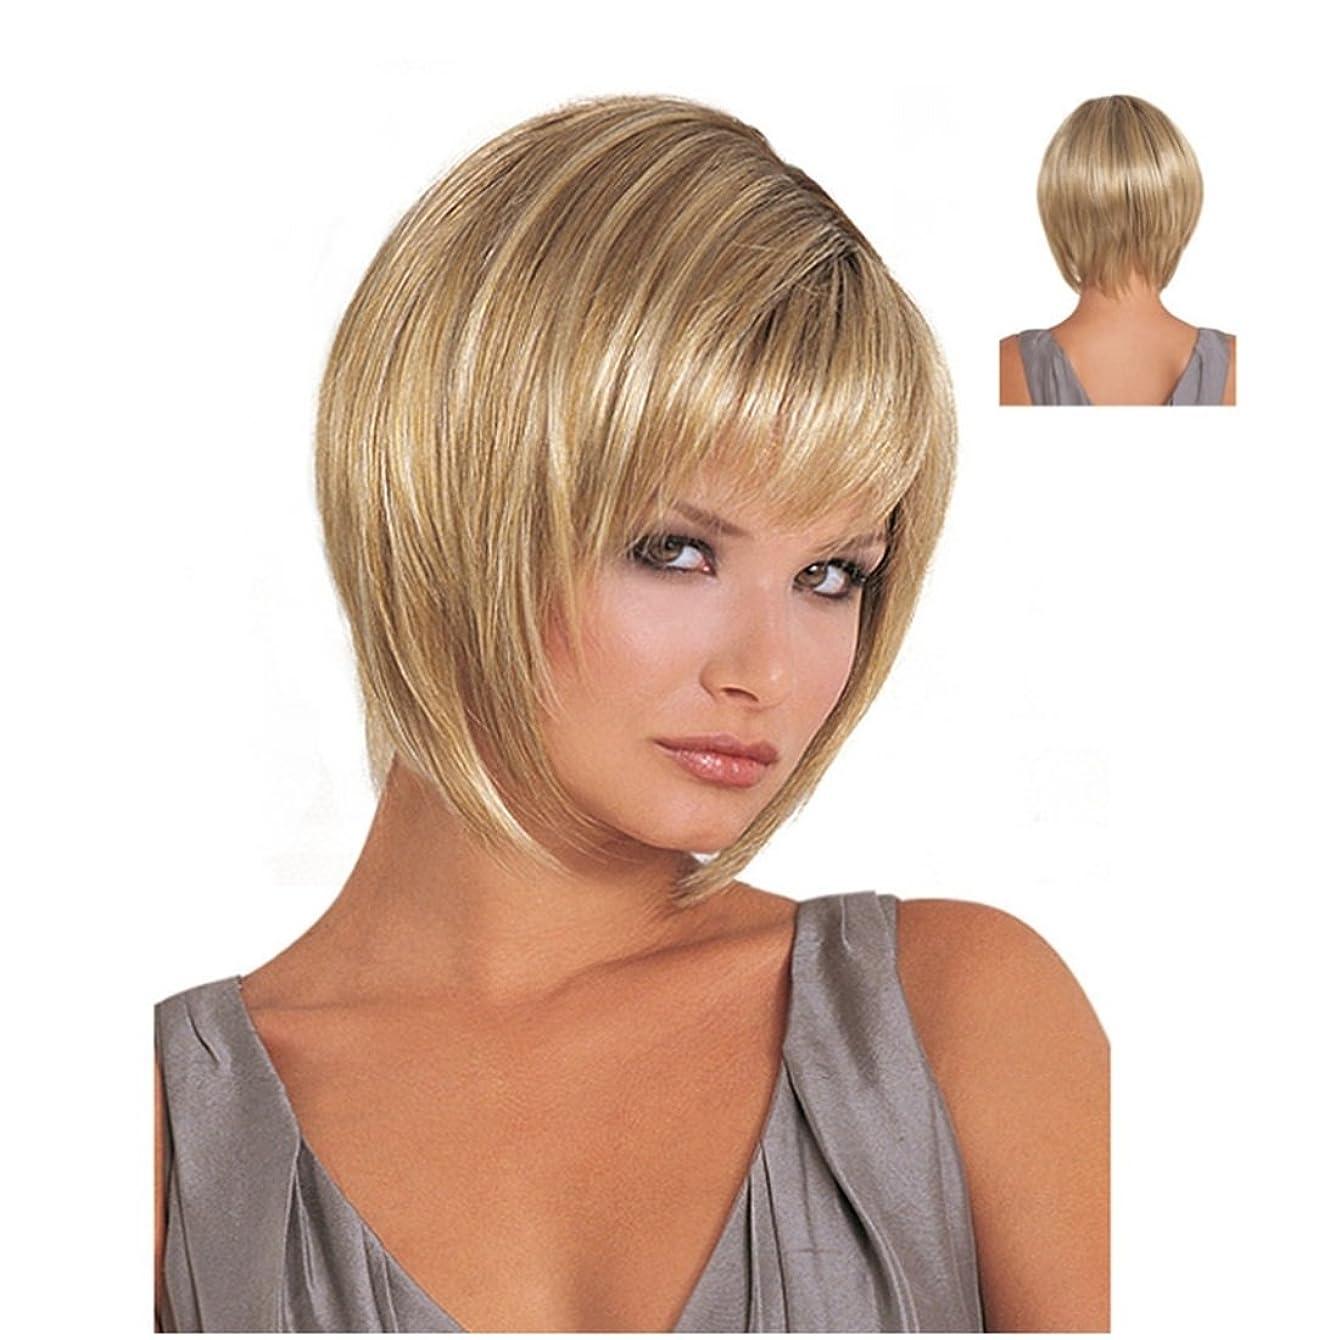 息を切らして推進力水差しYrattary ふわふわのマイクロボリューム現実的なかつら女性のための短いカーリーナチュラルカラーゴールドかつら白髪のかつら20cm / 25cmファッションかつら (サイズ : 20cm)